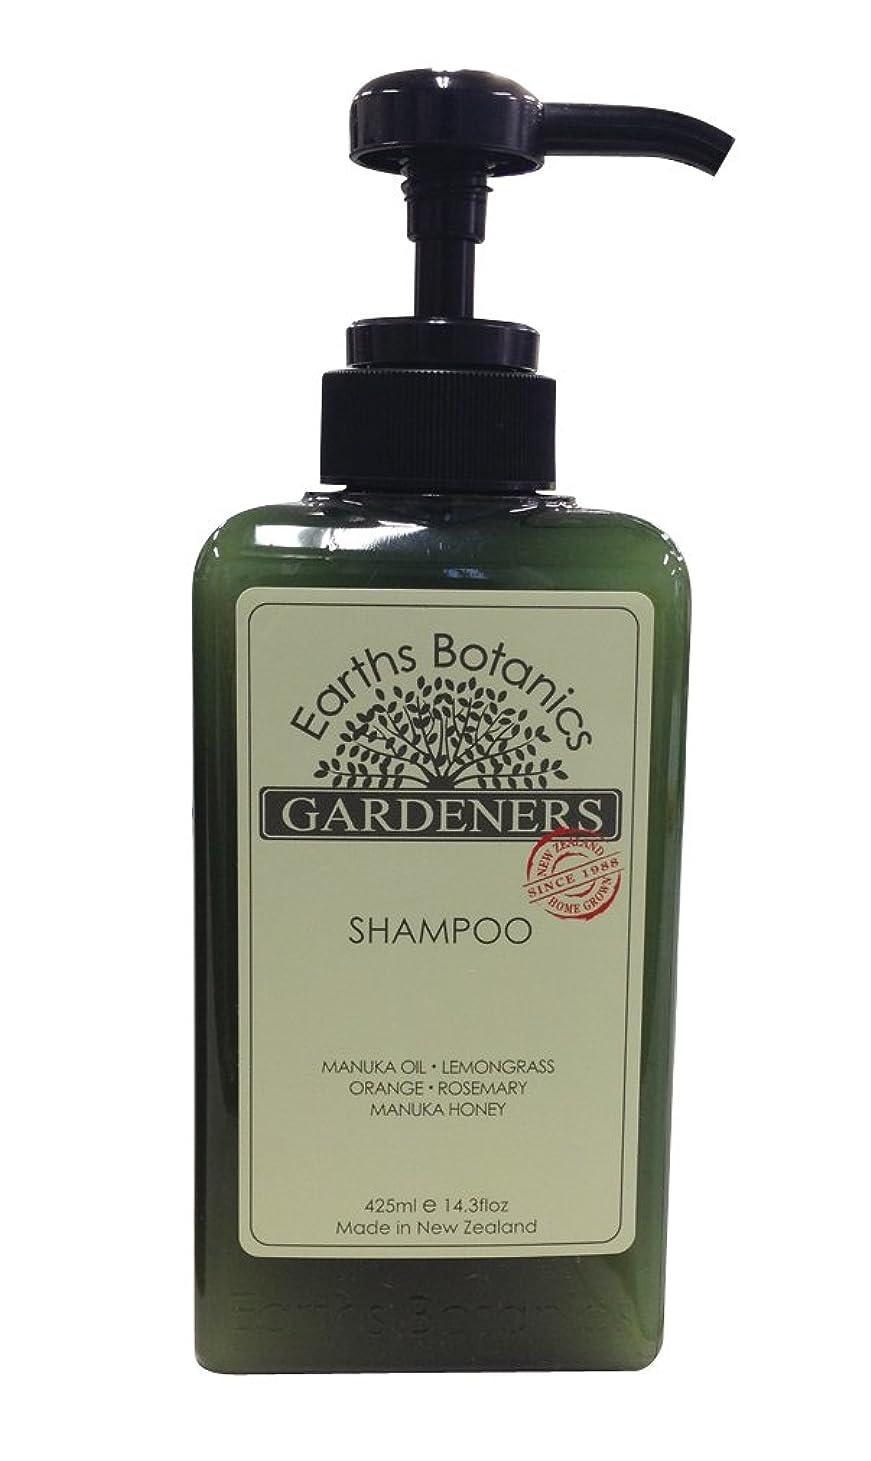 適応する慣習妊娠したEarths Botanics GARDENERS(ガーデナーズ) シャンプー 425ml